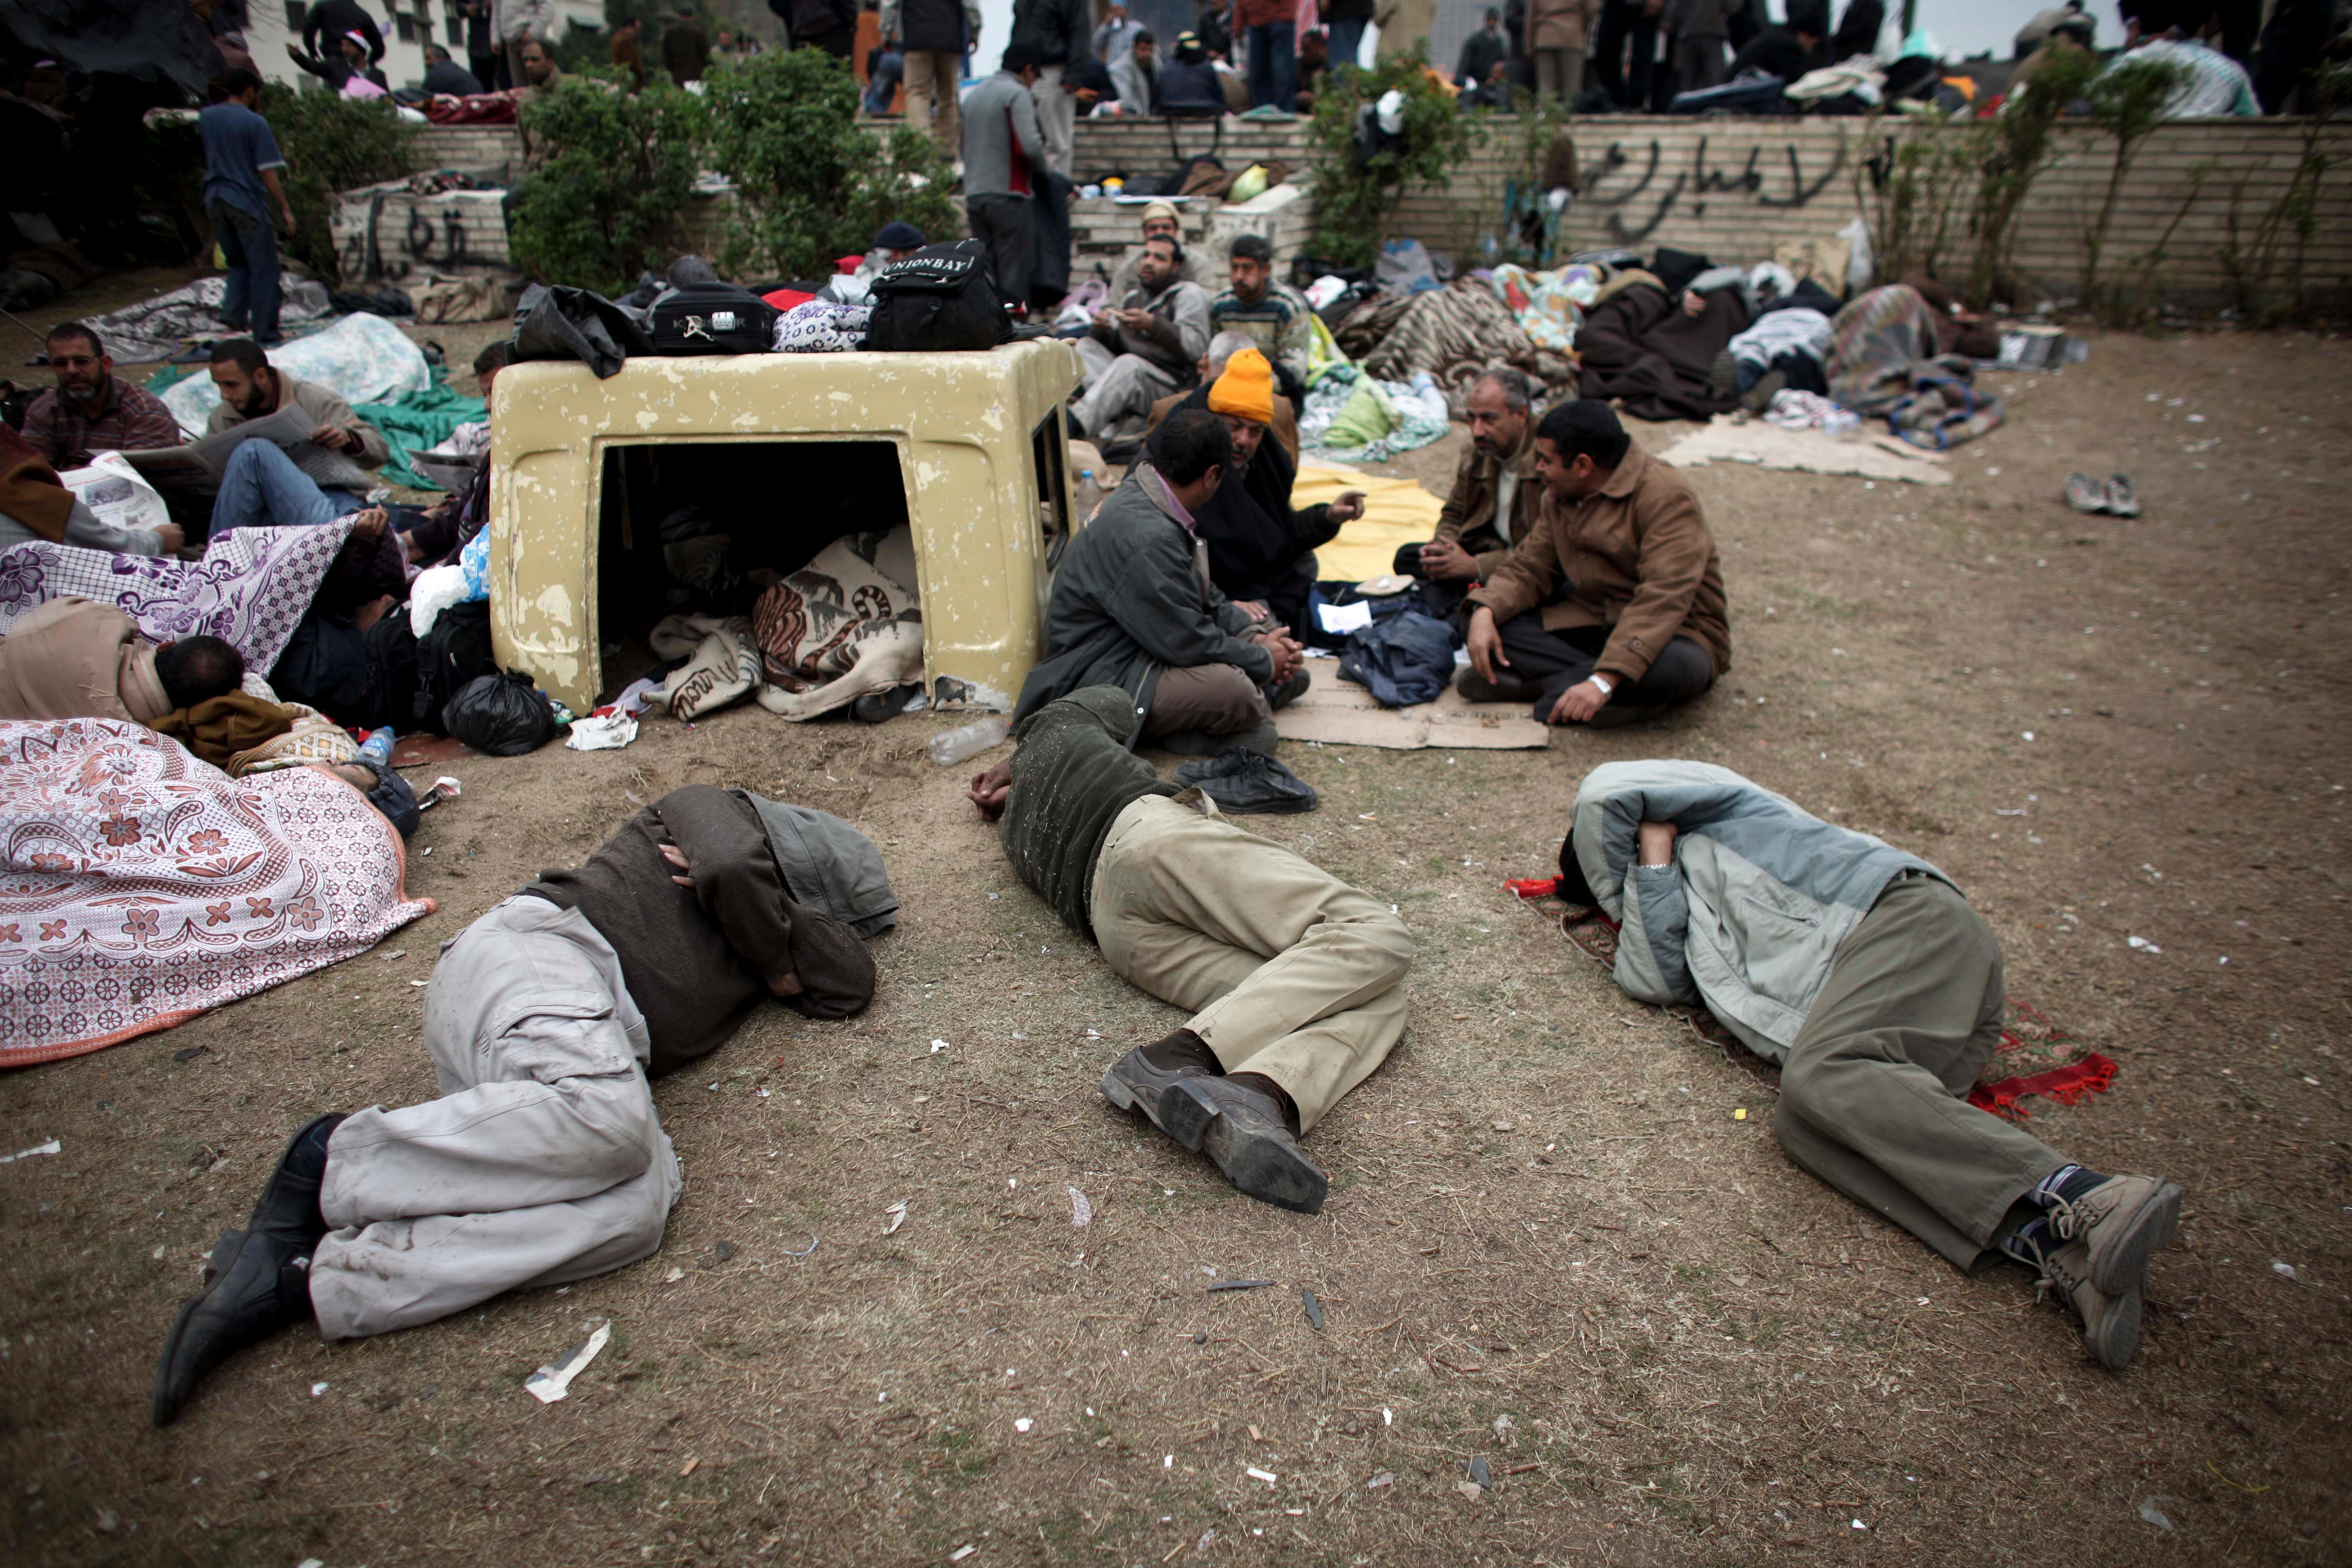 بتدخل من الولايات المتحدة ودول غربية أخرى، أطاحت احتجاجات الشوارع بالعديد من الحكومات في غرب آسيا وشمال إفريقيا.